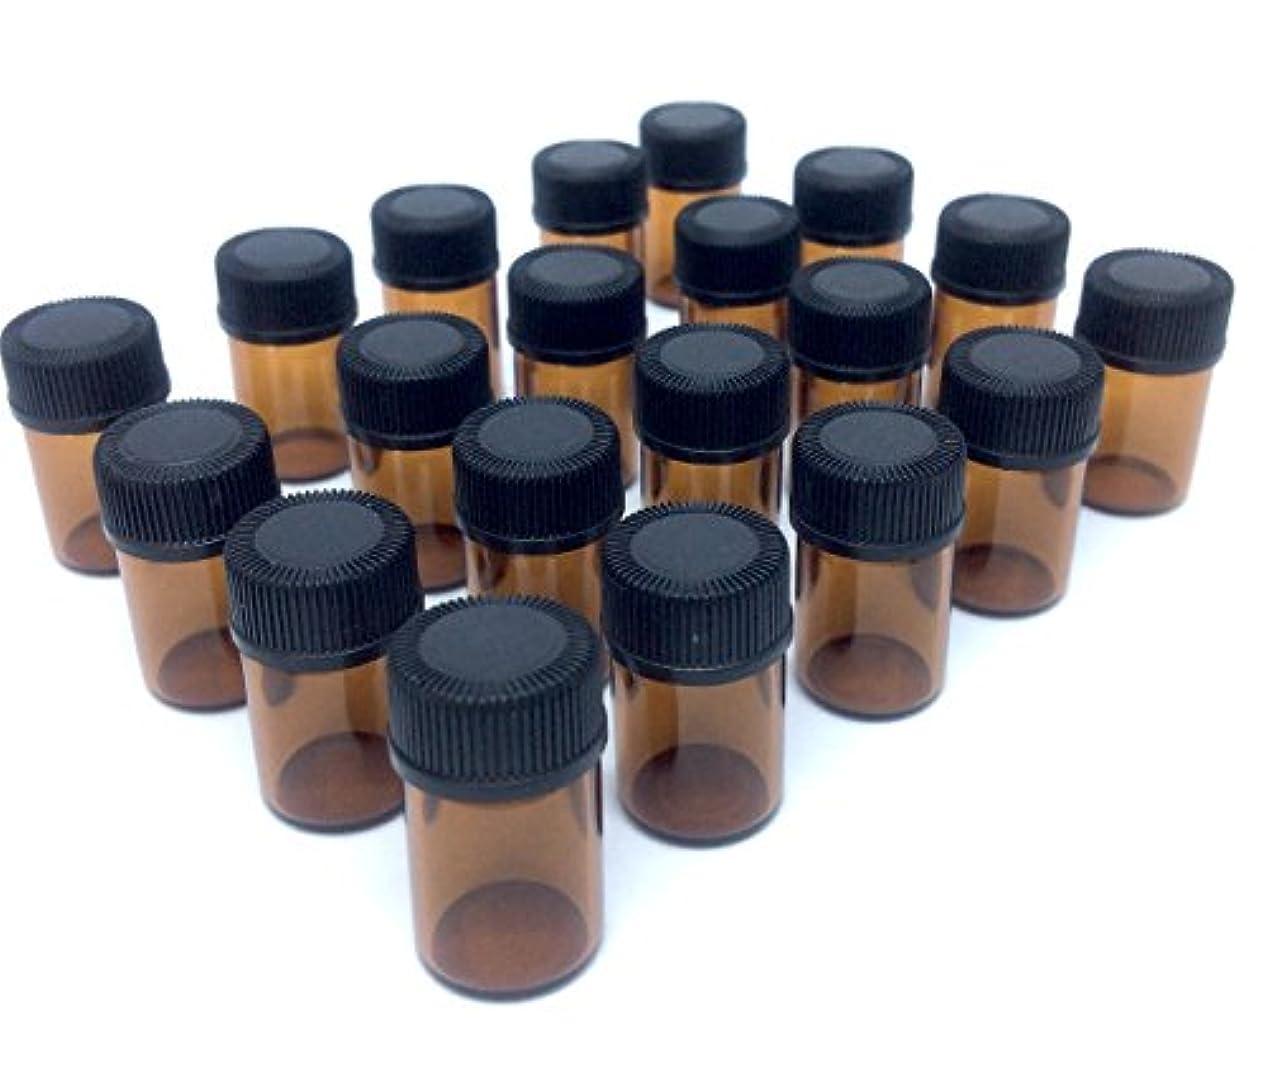 高さ層耐えるアロマオイル 遮光瓶 精油 小分け用 ガラス製 保存容器 20本 セット (2ml)